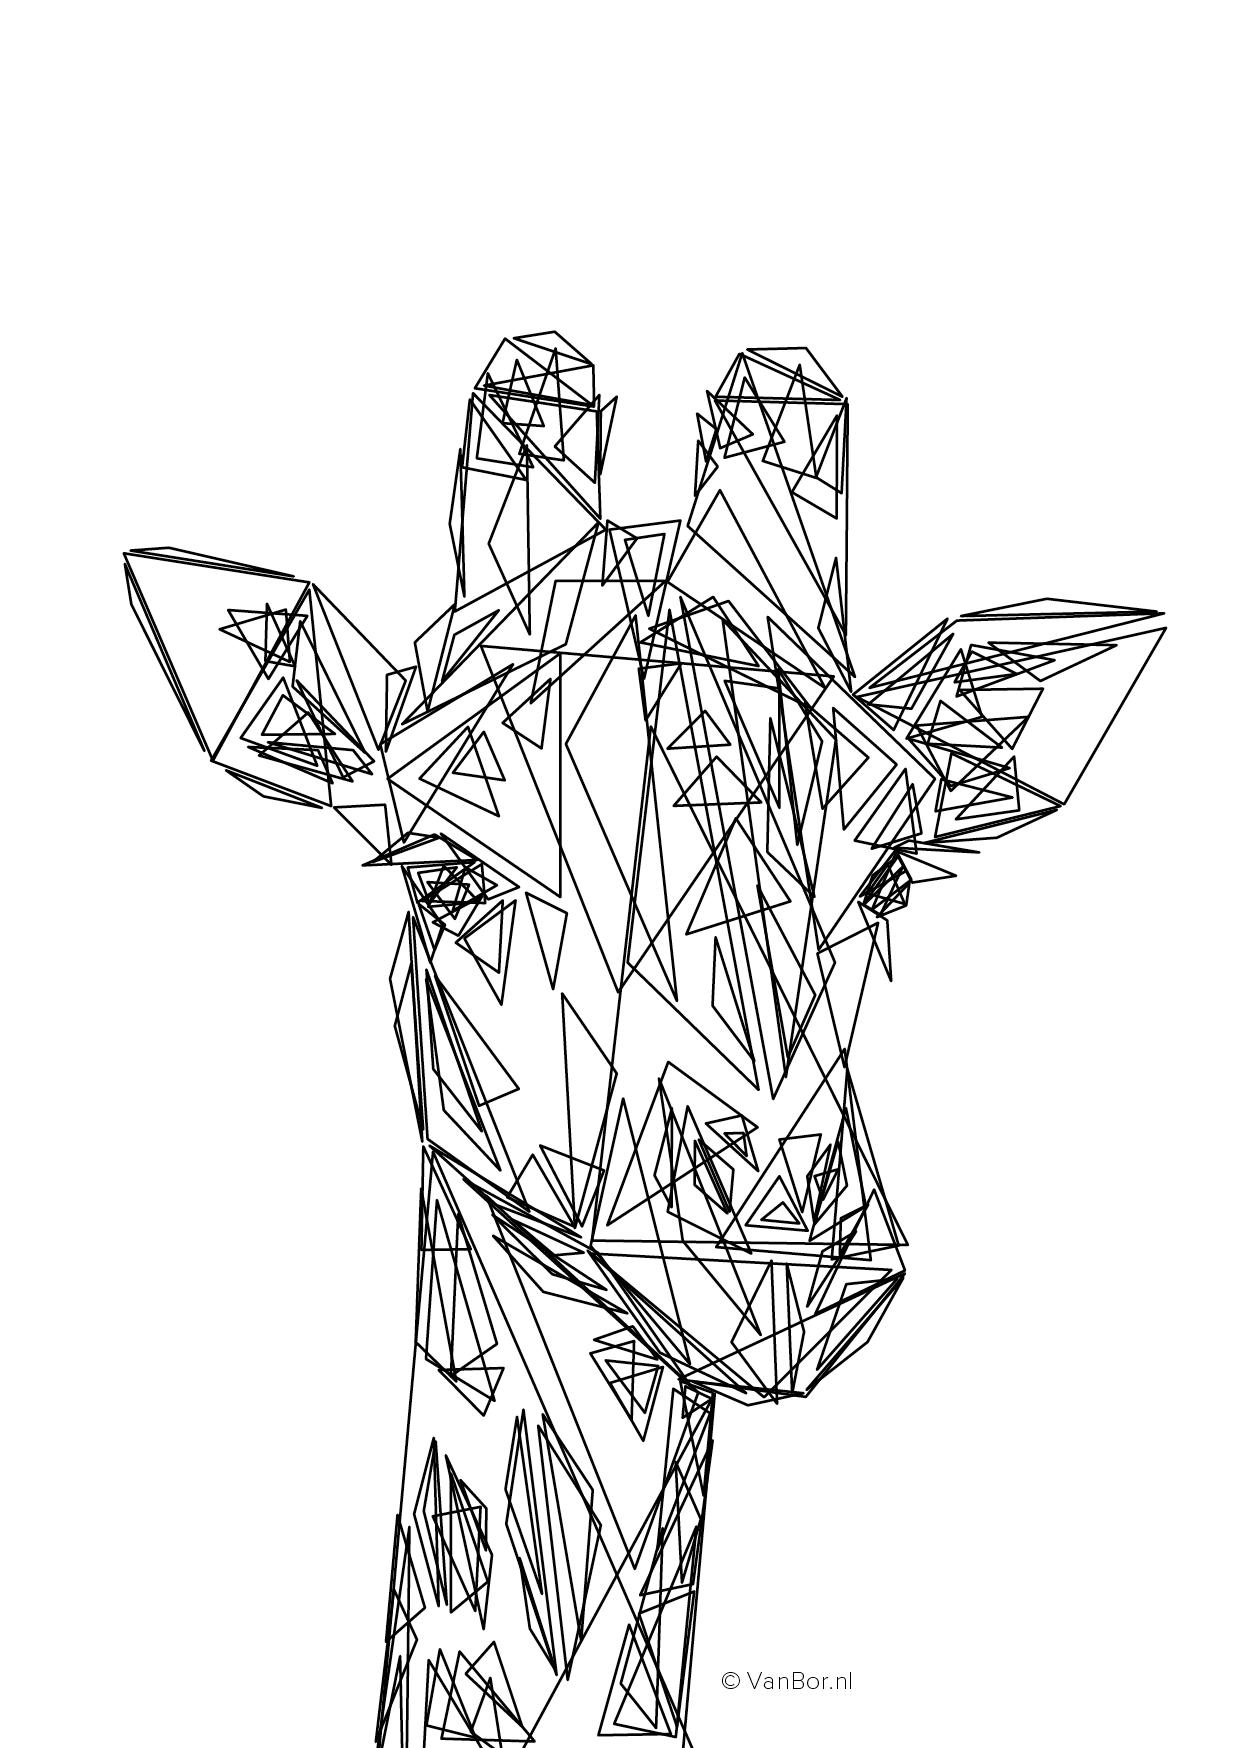 A6 ansichtkaart 105 x 148 mm Triangles Giraffe